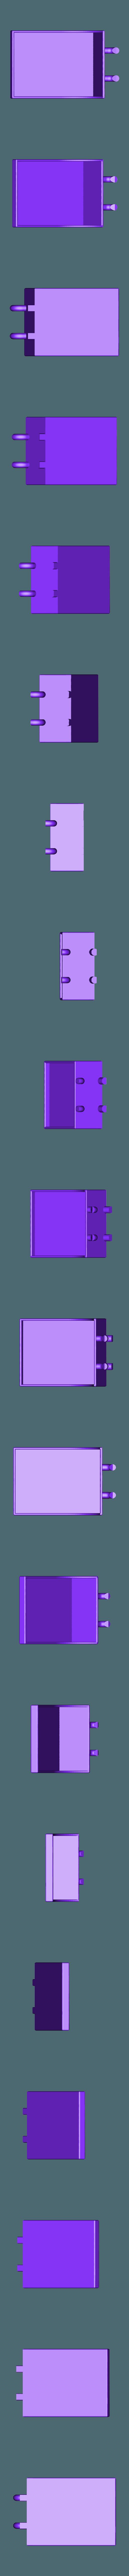 bit_holder_pegboard_mount_for_Thingiverse_v2.stl Download free STL file Pegboard Tray for hex bit holder • Design to 3D print, huberjer